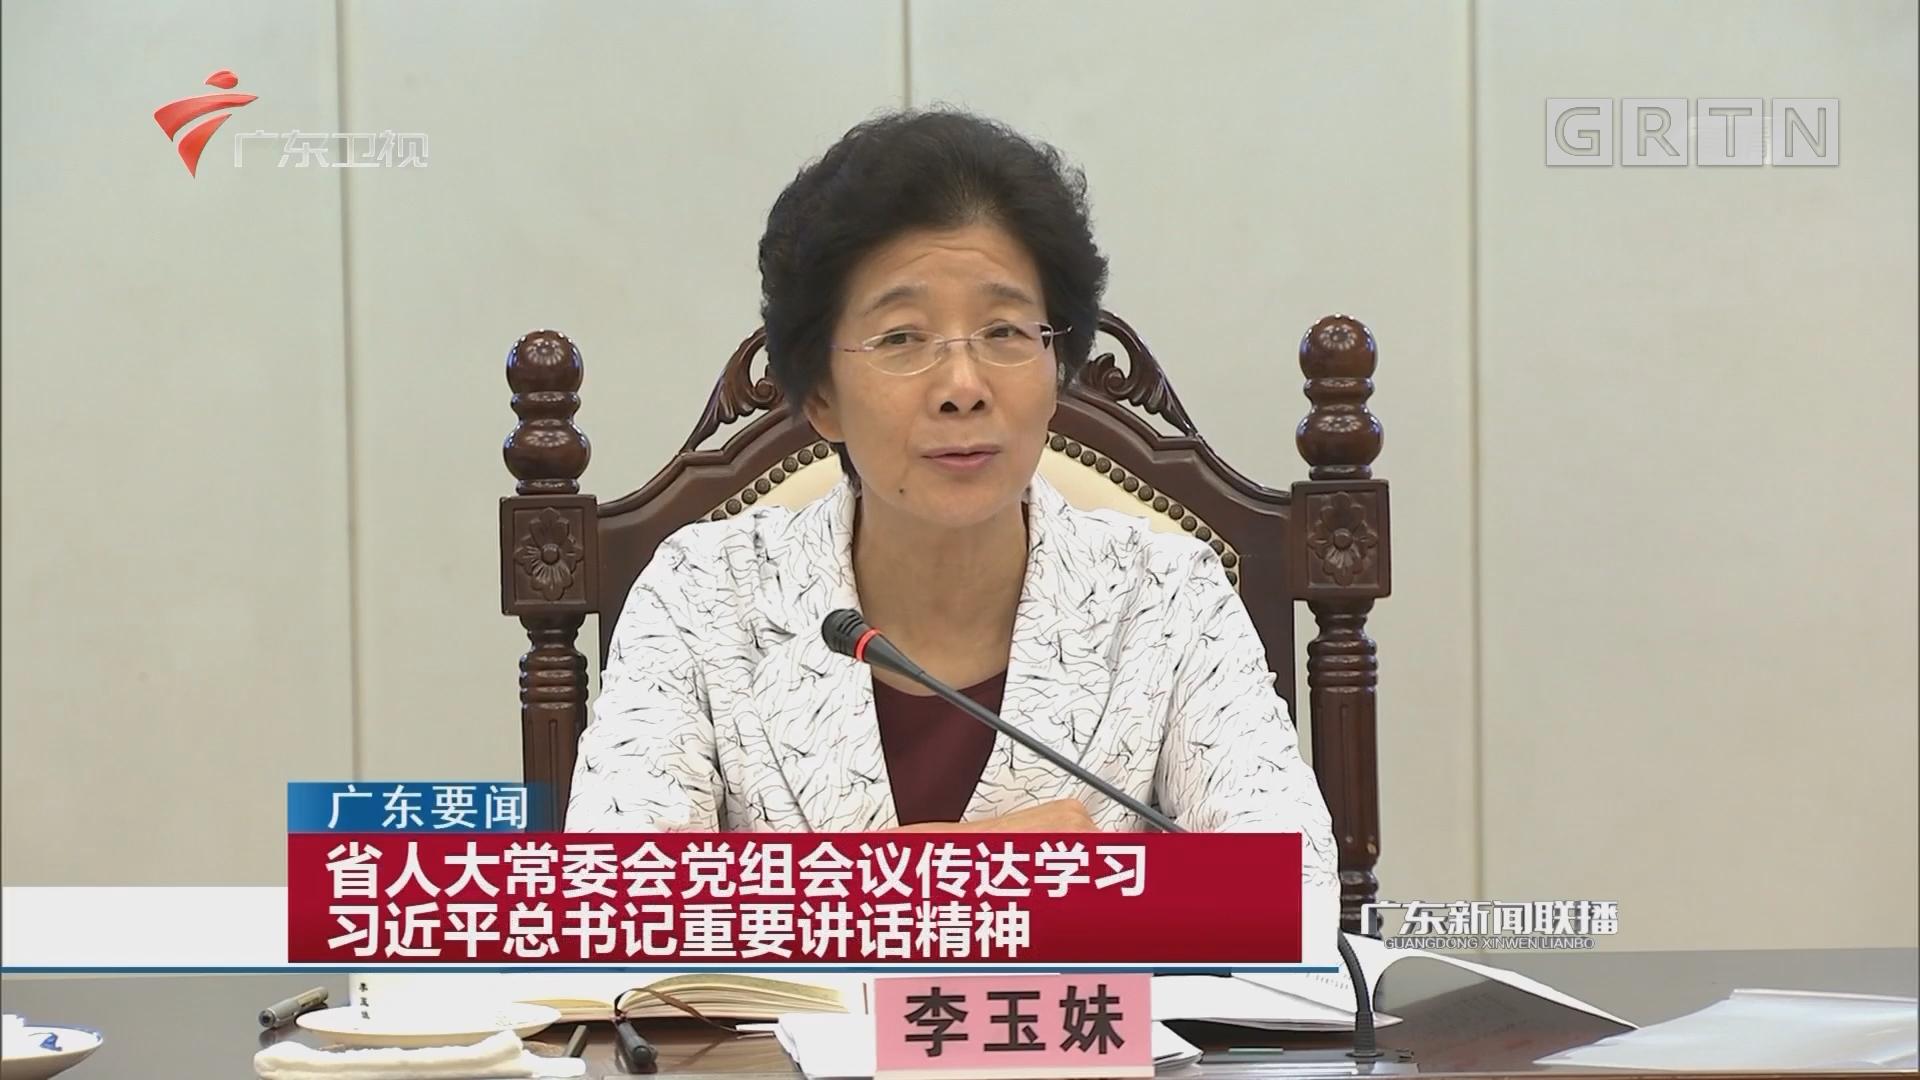 省人大常委会党组会议传达学习习近平总书记重要讲话精神